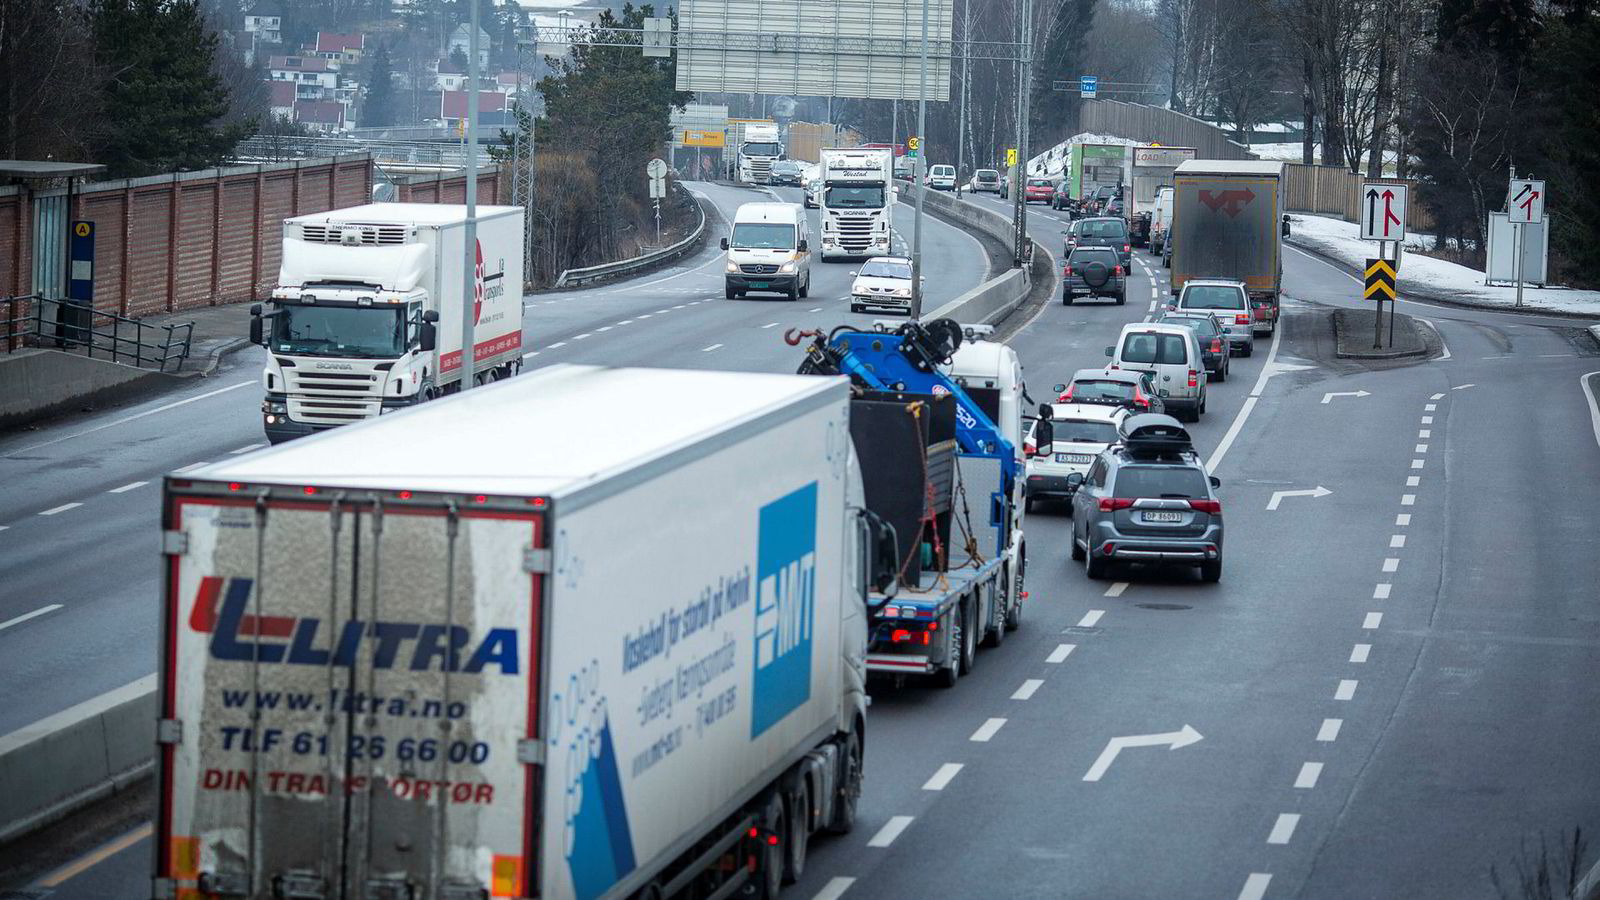 Politikerne har satt et mål om å halvere transportutslippene innen 2030. Dersom målene skal nås, trengs det økt innsats i næringstransporten, skriver innleggsforfatteren.